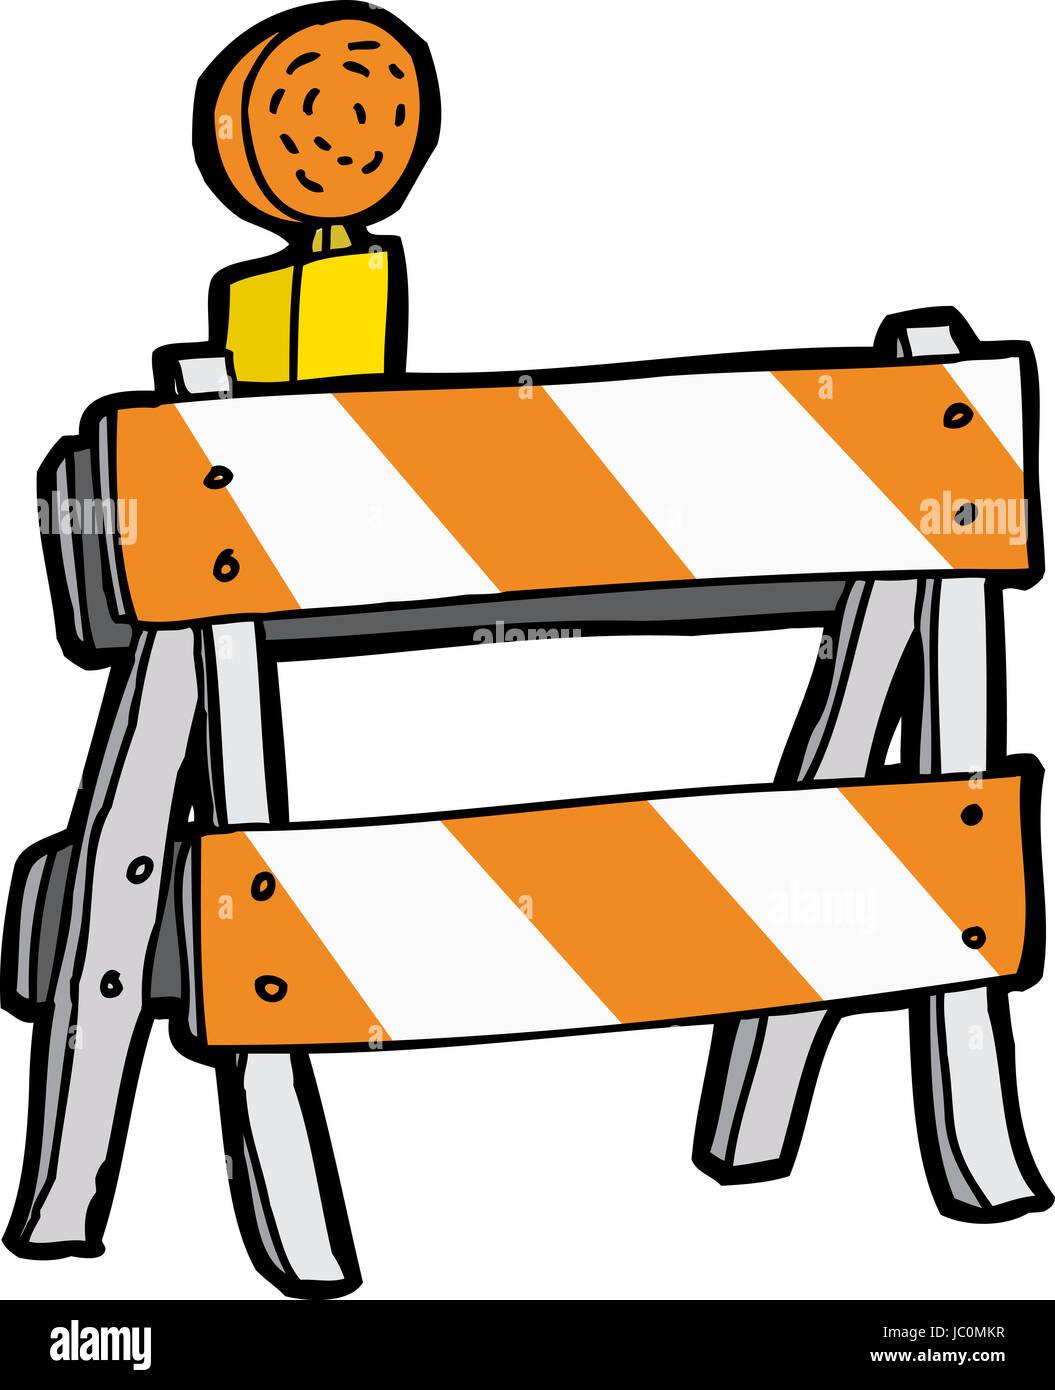 Construction Barricade Stock Photos Amp Construction